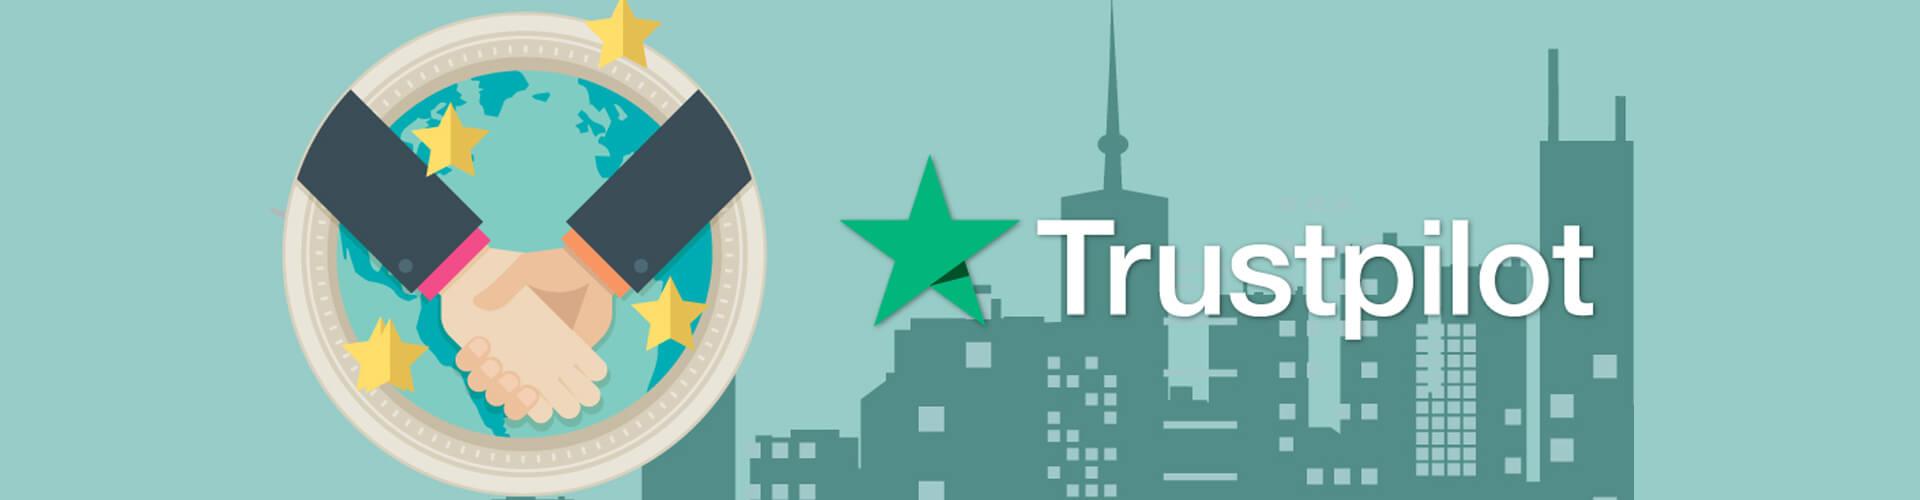 FlightsBird Customer Reviews, Consumer Feedback & Testimonials